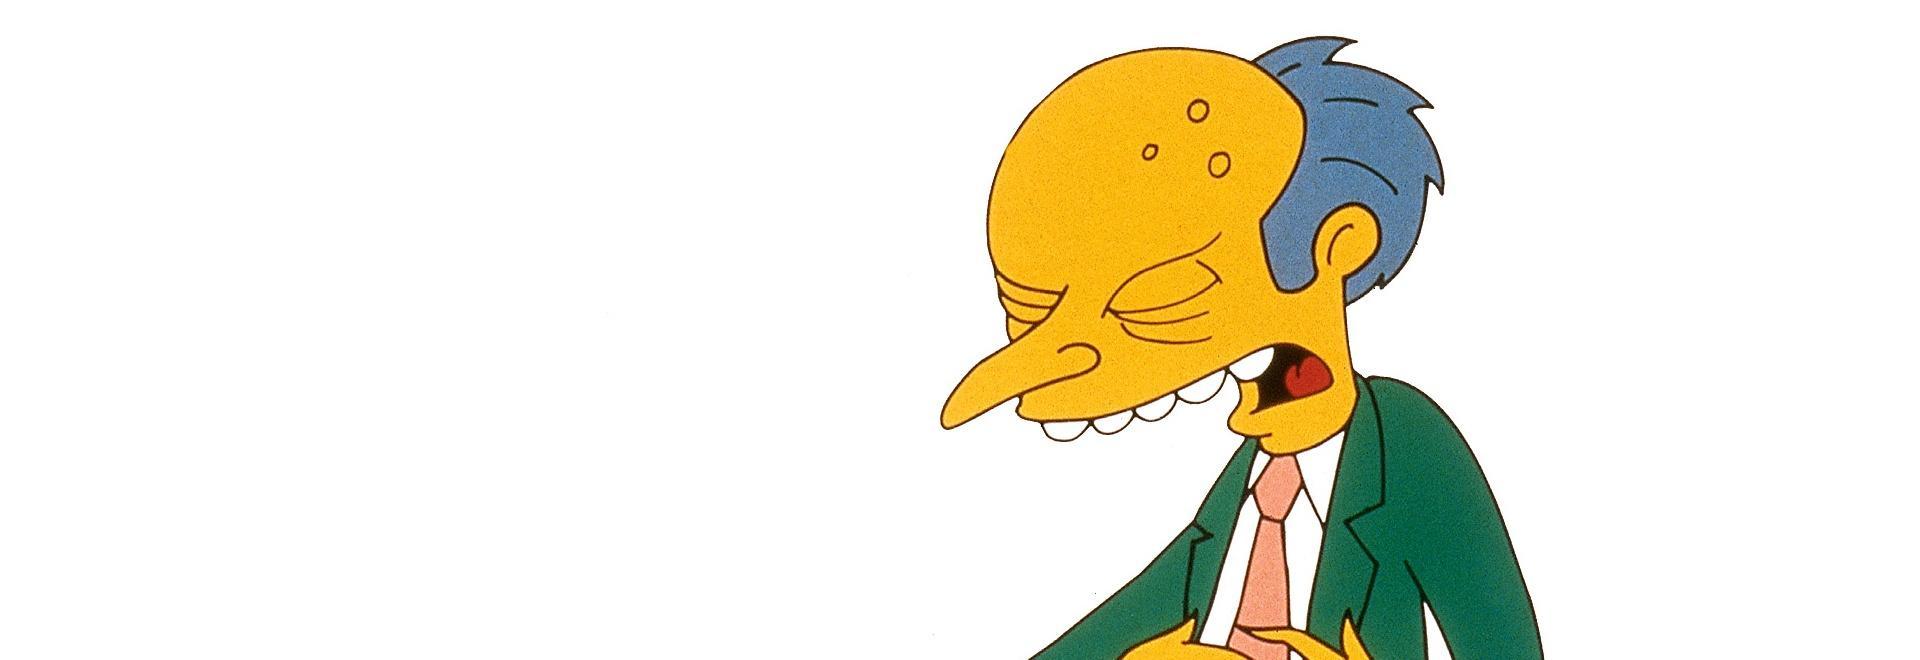 Il nemico di Homer